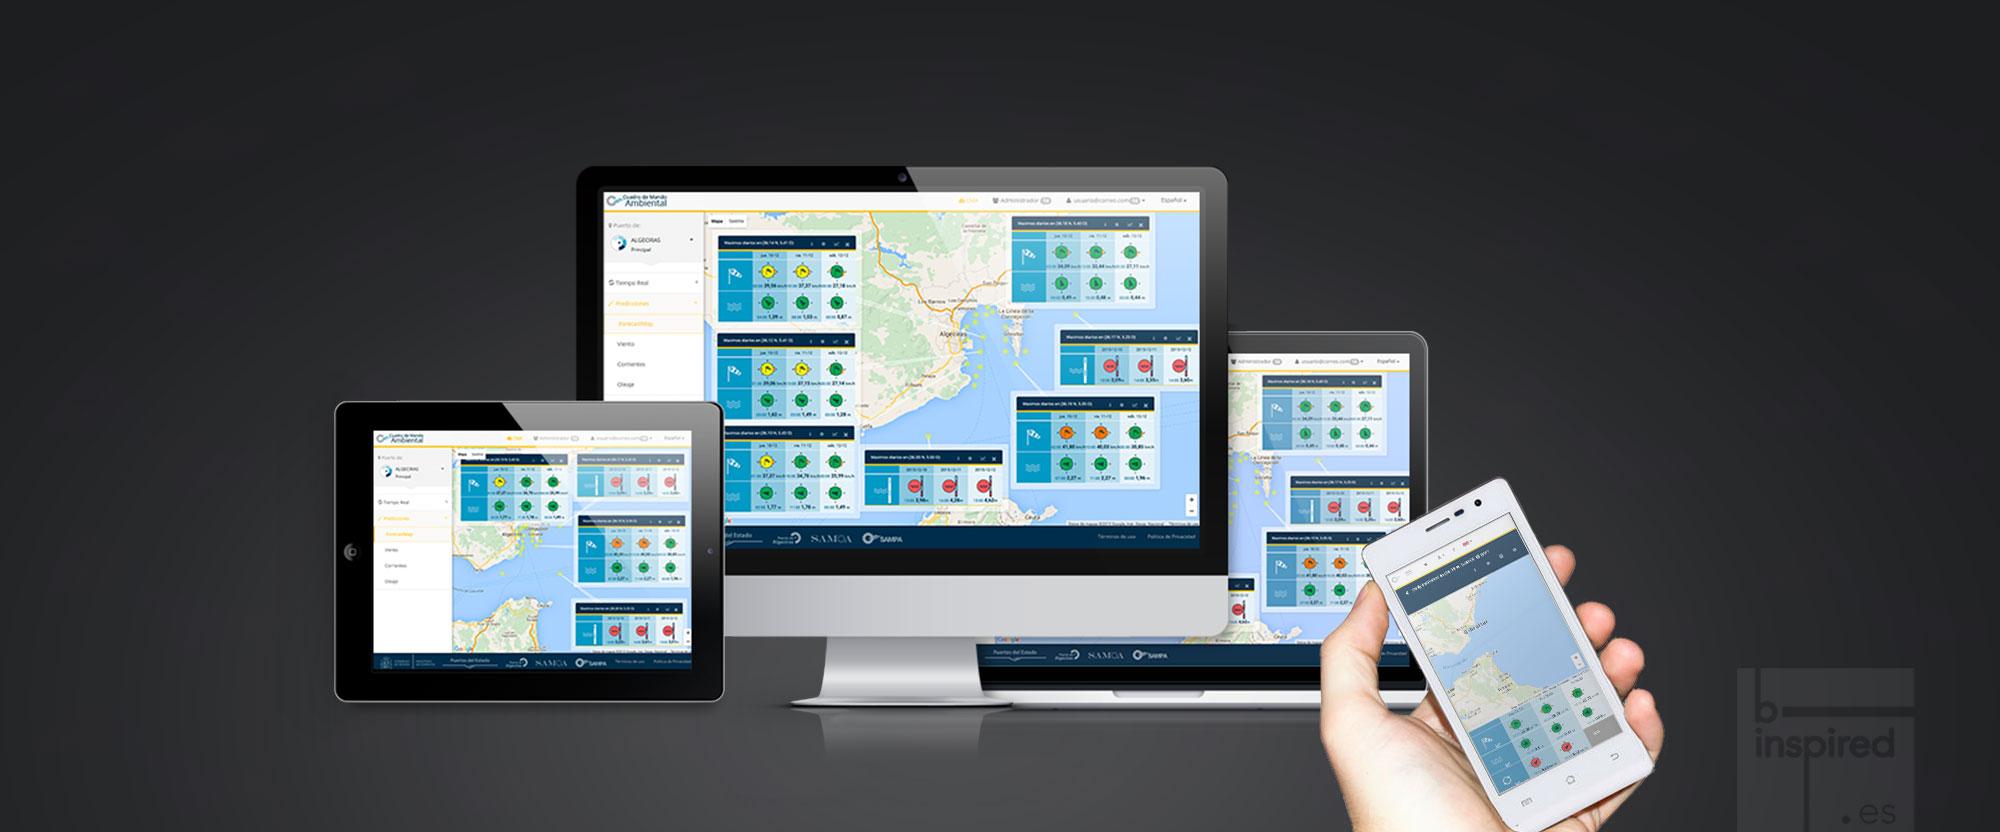 Cuadro de Mando Ambiental – Aplicación para la gestión portuaria